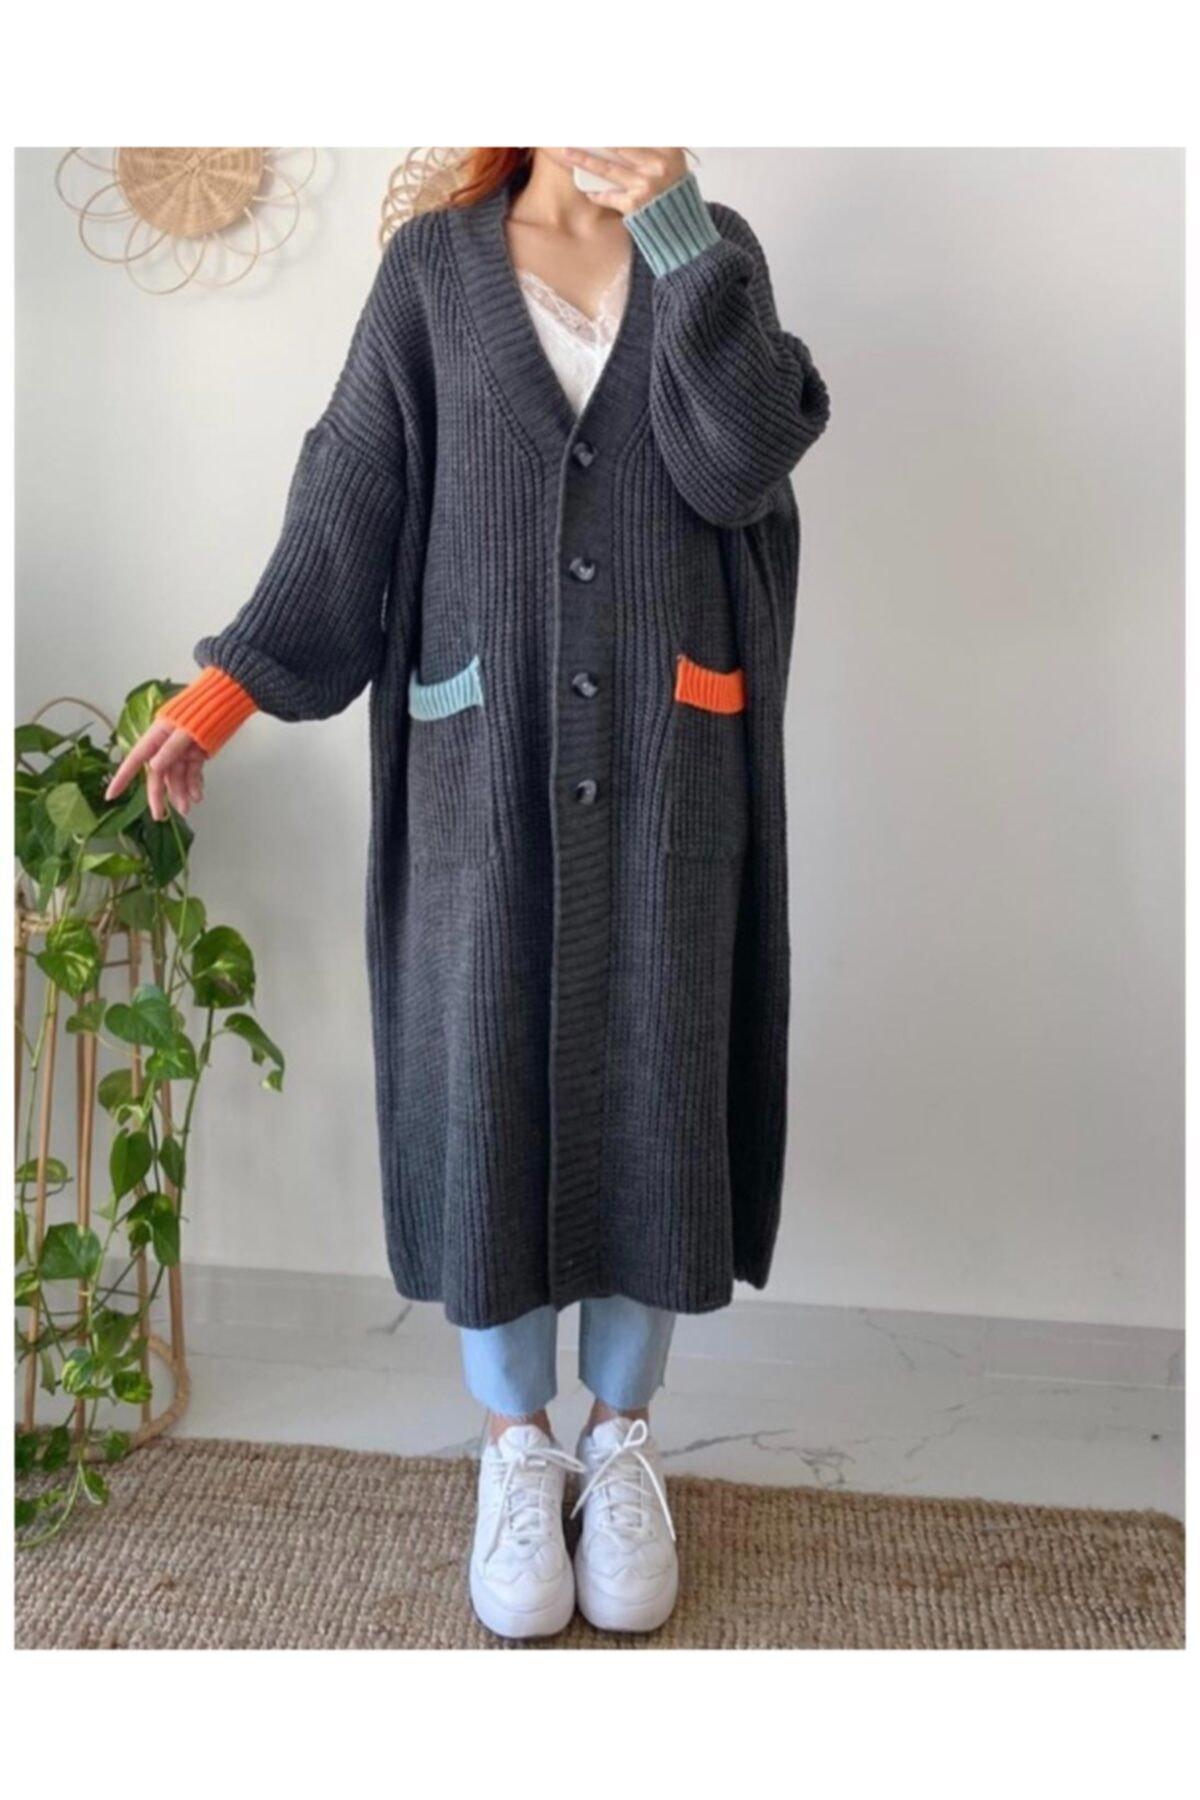 Maystore Kadın Gri Renk Detaylı Kalın Örme Uzun Triko Hırka 1